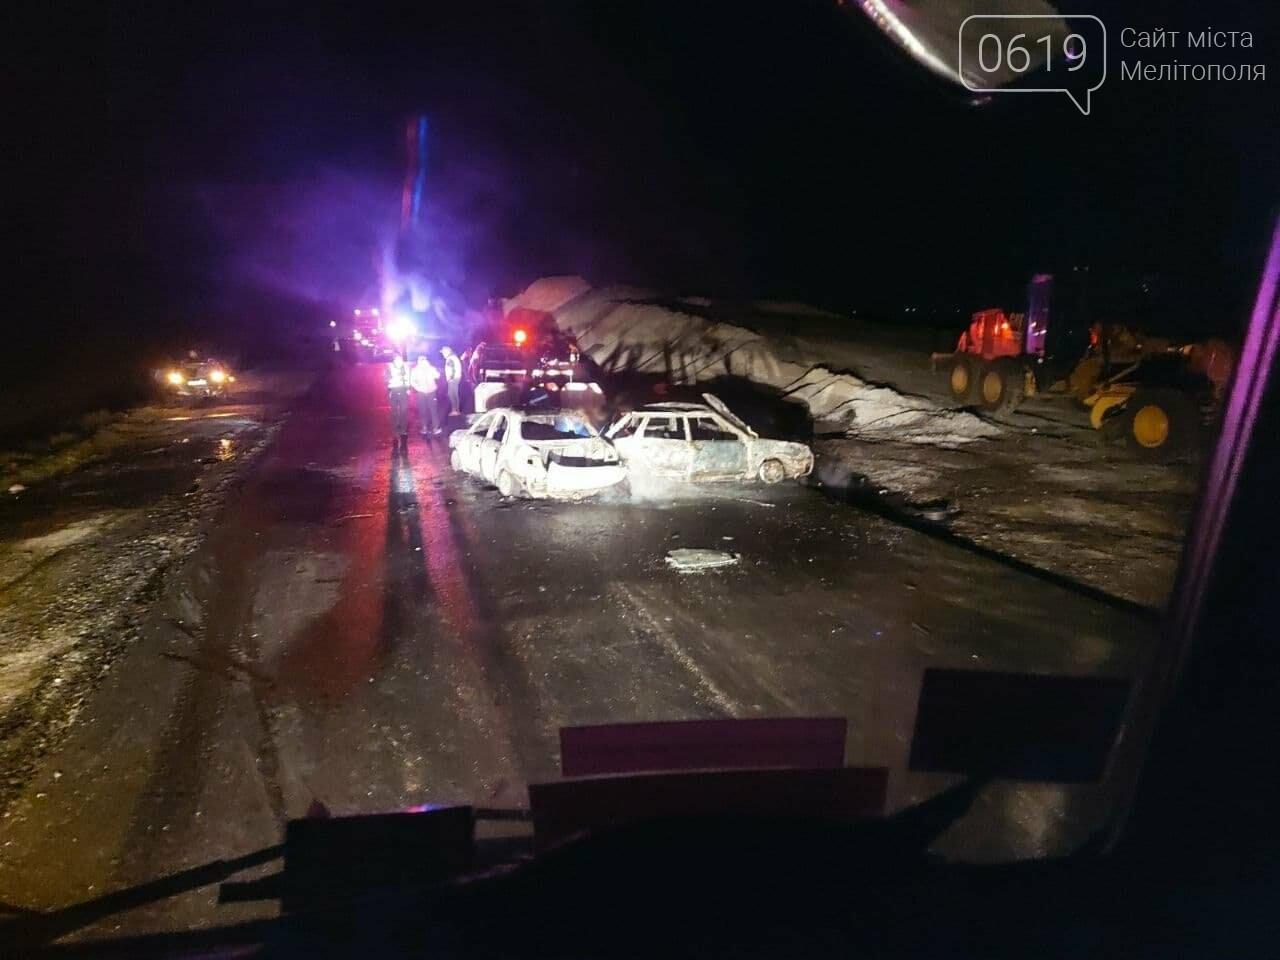 На трассе под Мелитополе столкнулись и вспыхнули два авто, фото-1